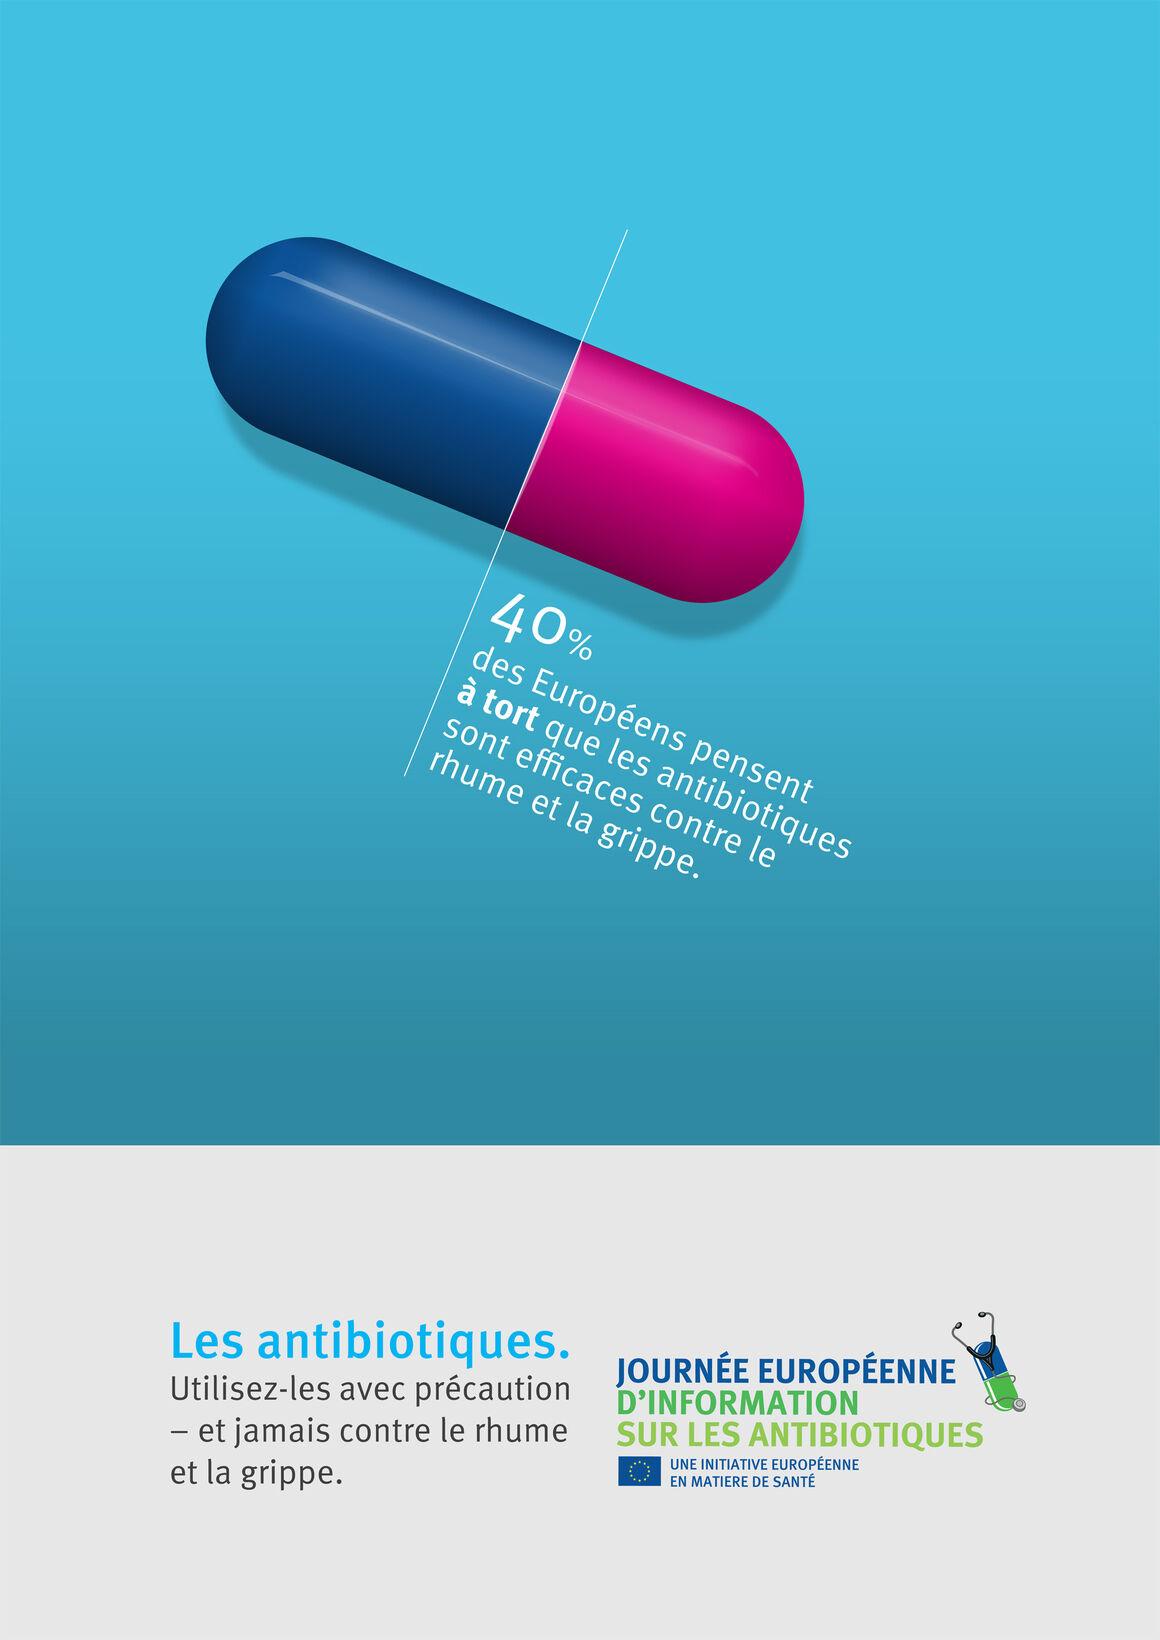 Affiche: Les antibiotiques. Utilisez-les avec précaution – et jamais contre le rhume et la grippe.